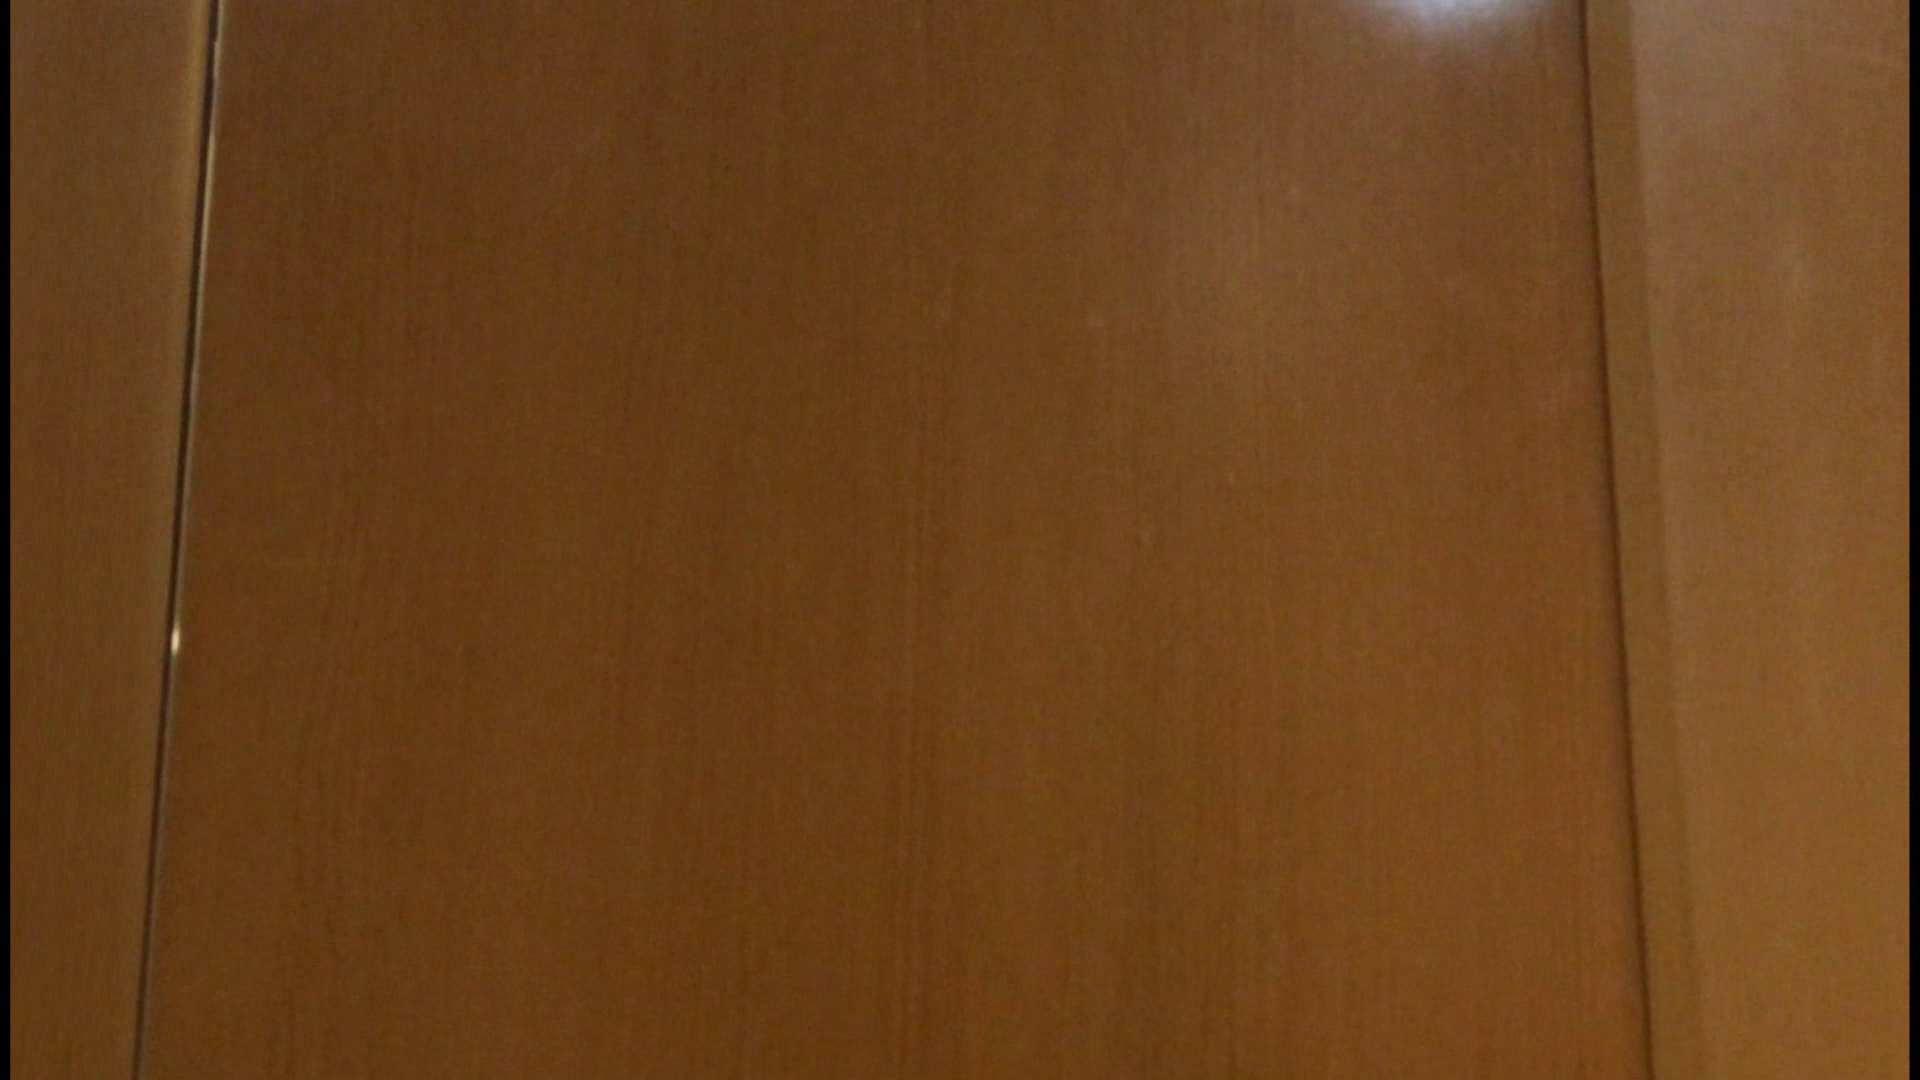 「噂」の国の厠観察日記2 Vol.08 いやらしいOL すけべAV動画紹介 80連発 11